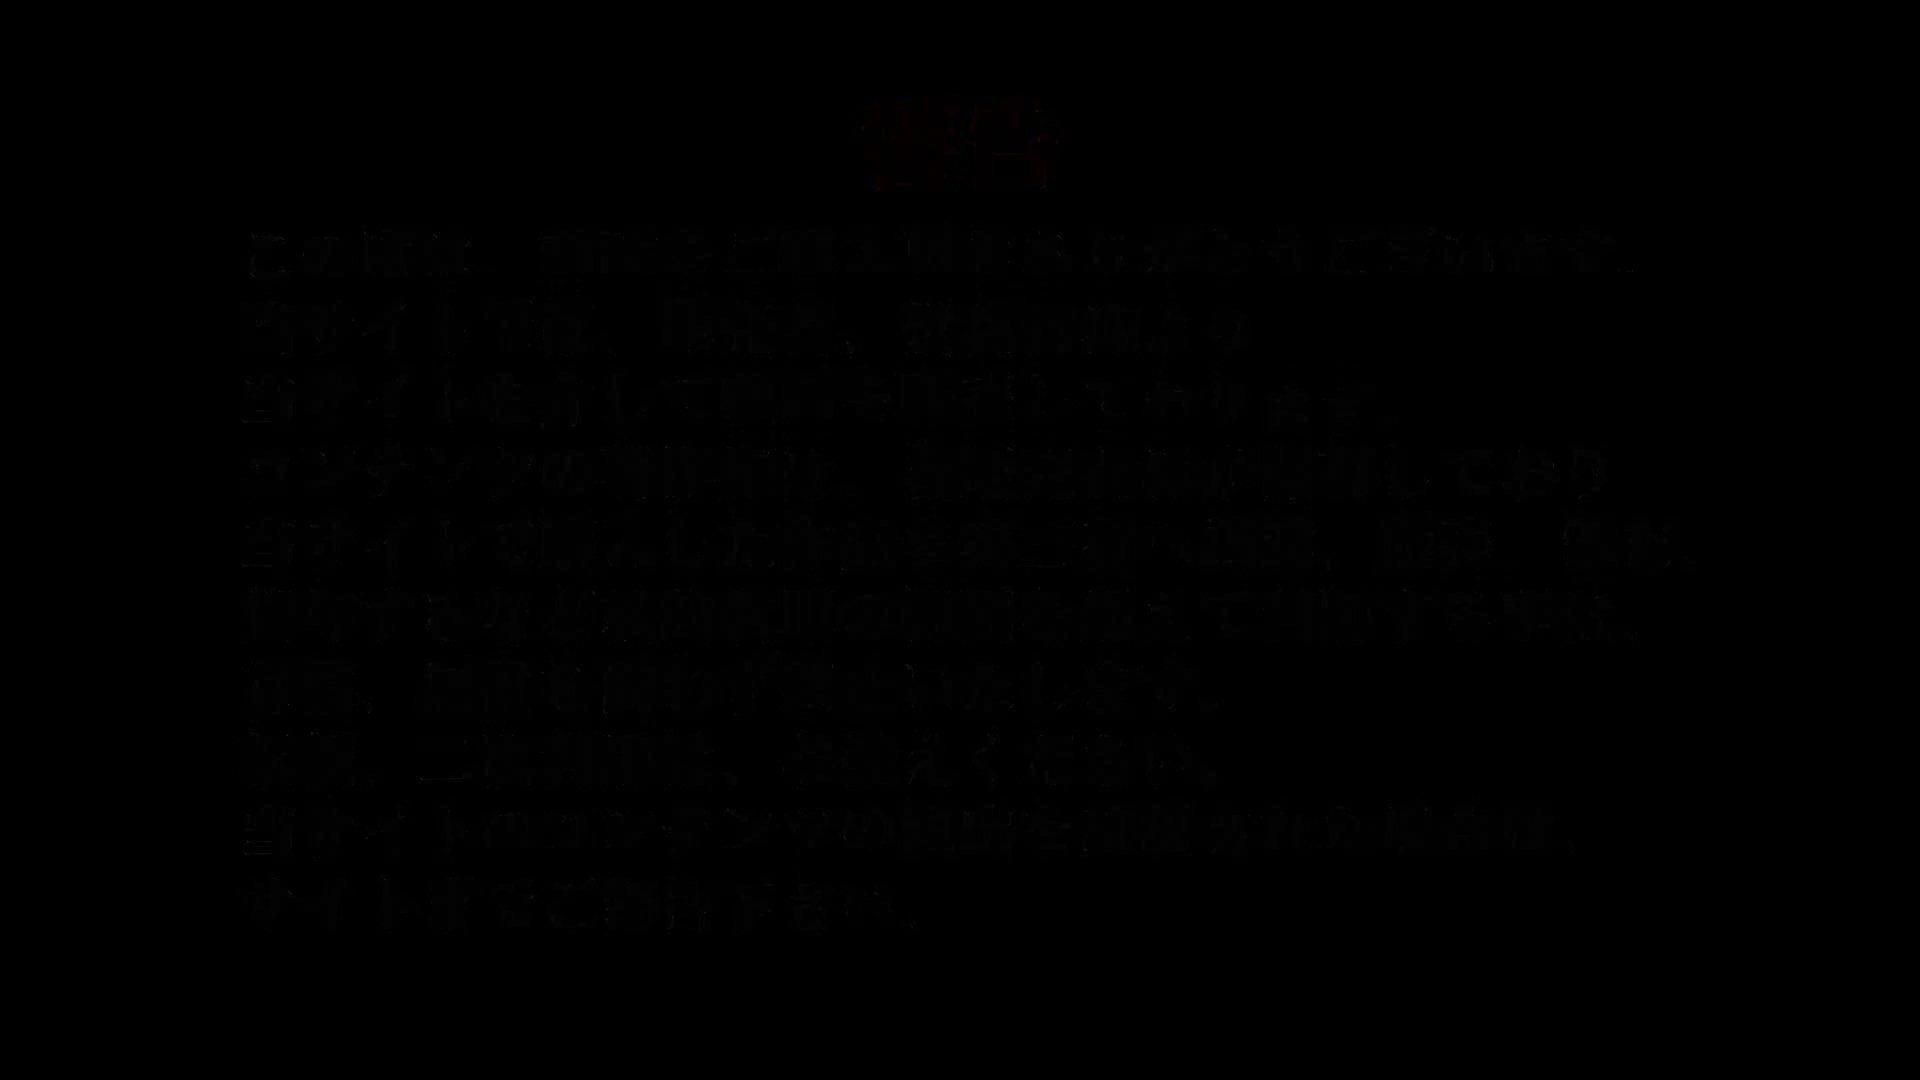 解禁!海の家4カメ洗面所vol.37 綺麗なOLたち SEX無修正画像 101枚 2